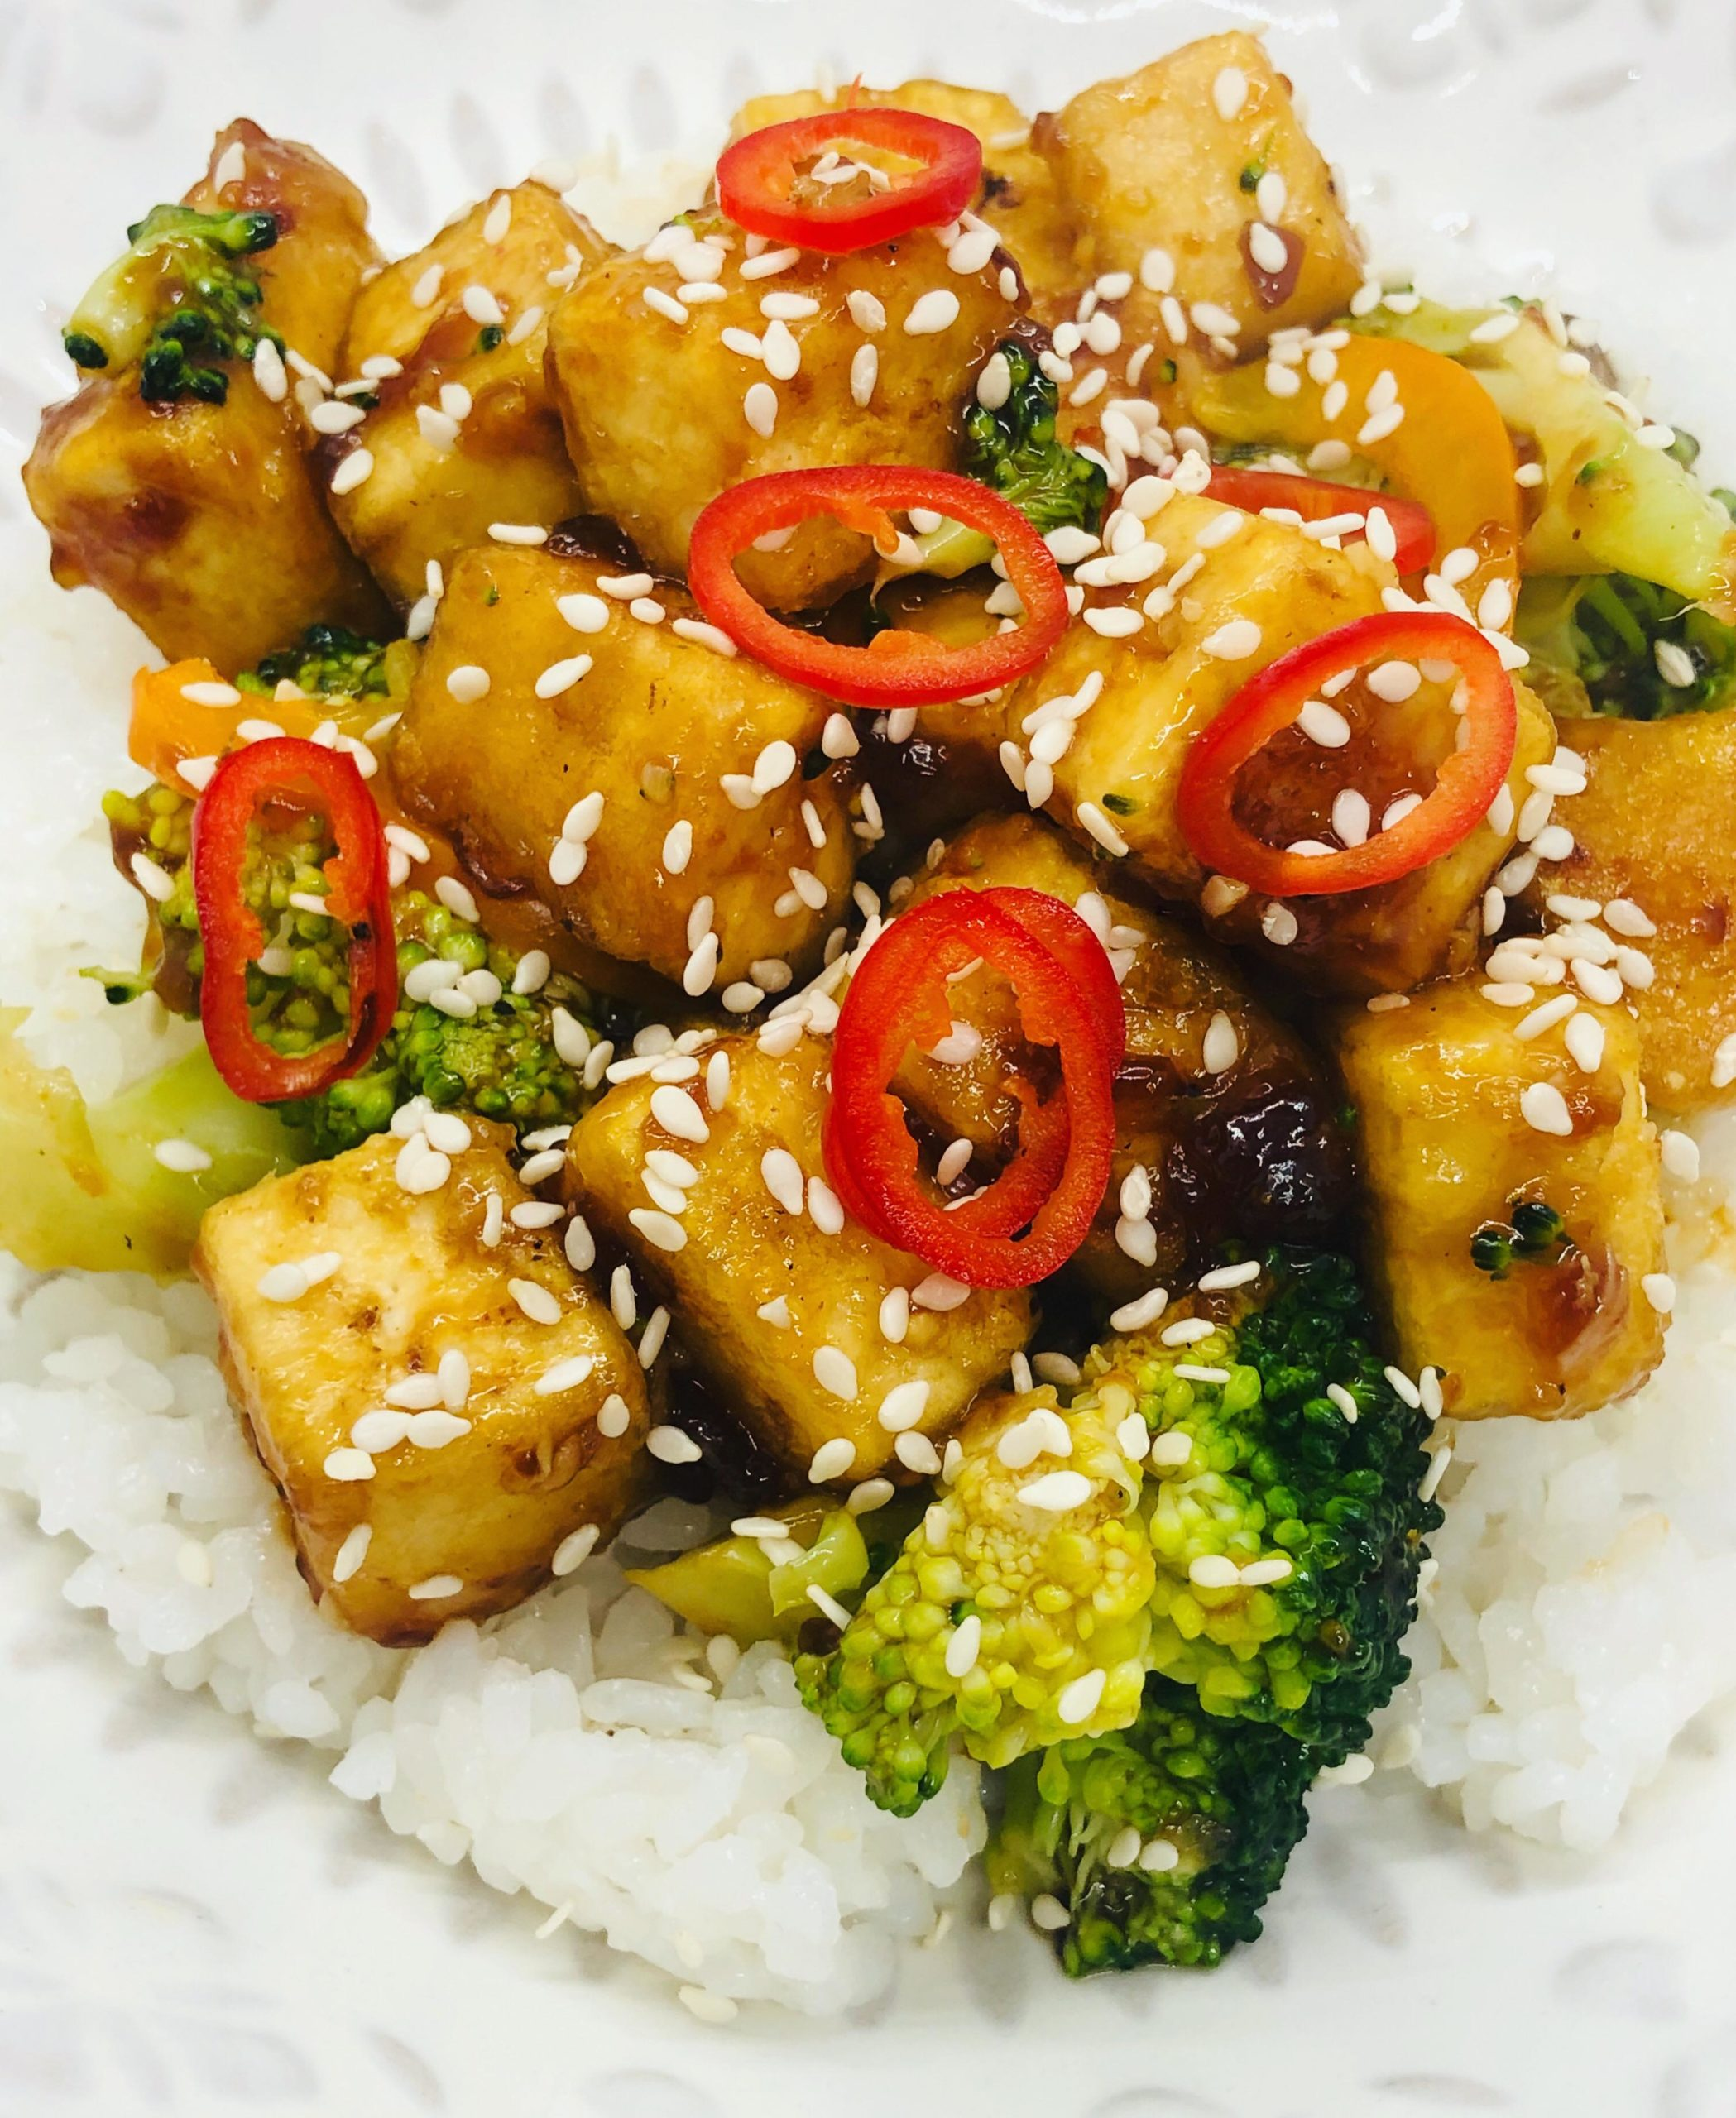 Sticky Gingery-Orange Tofu With Broccoli